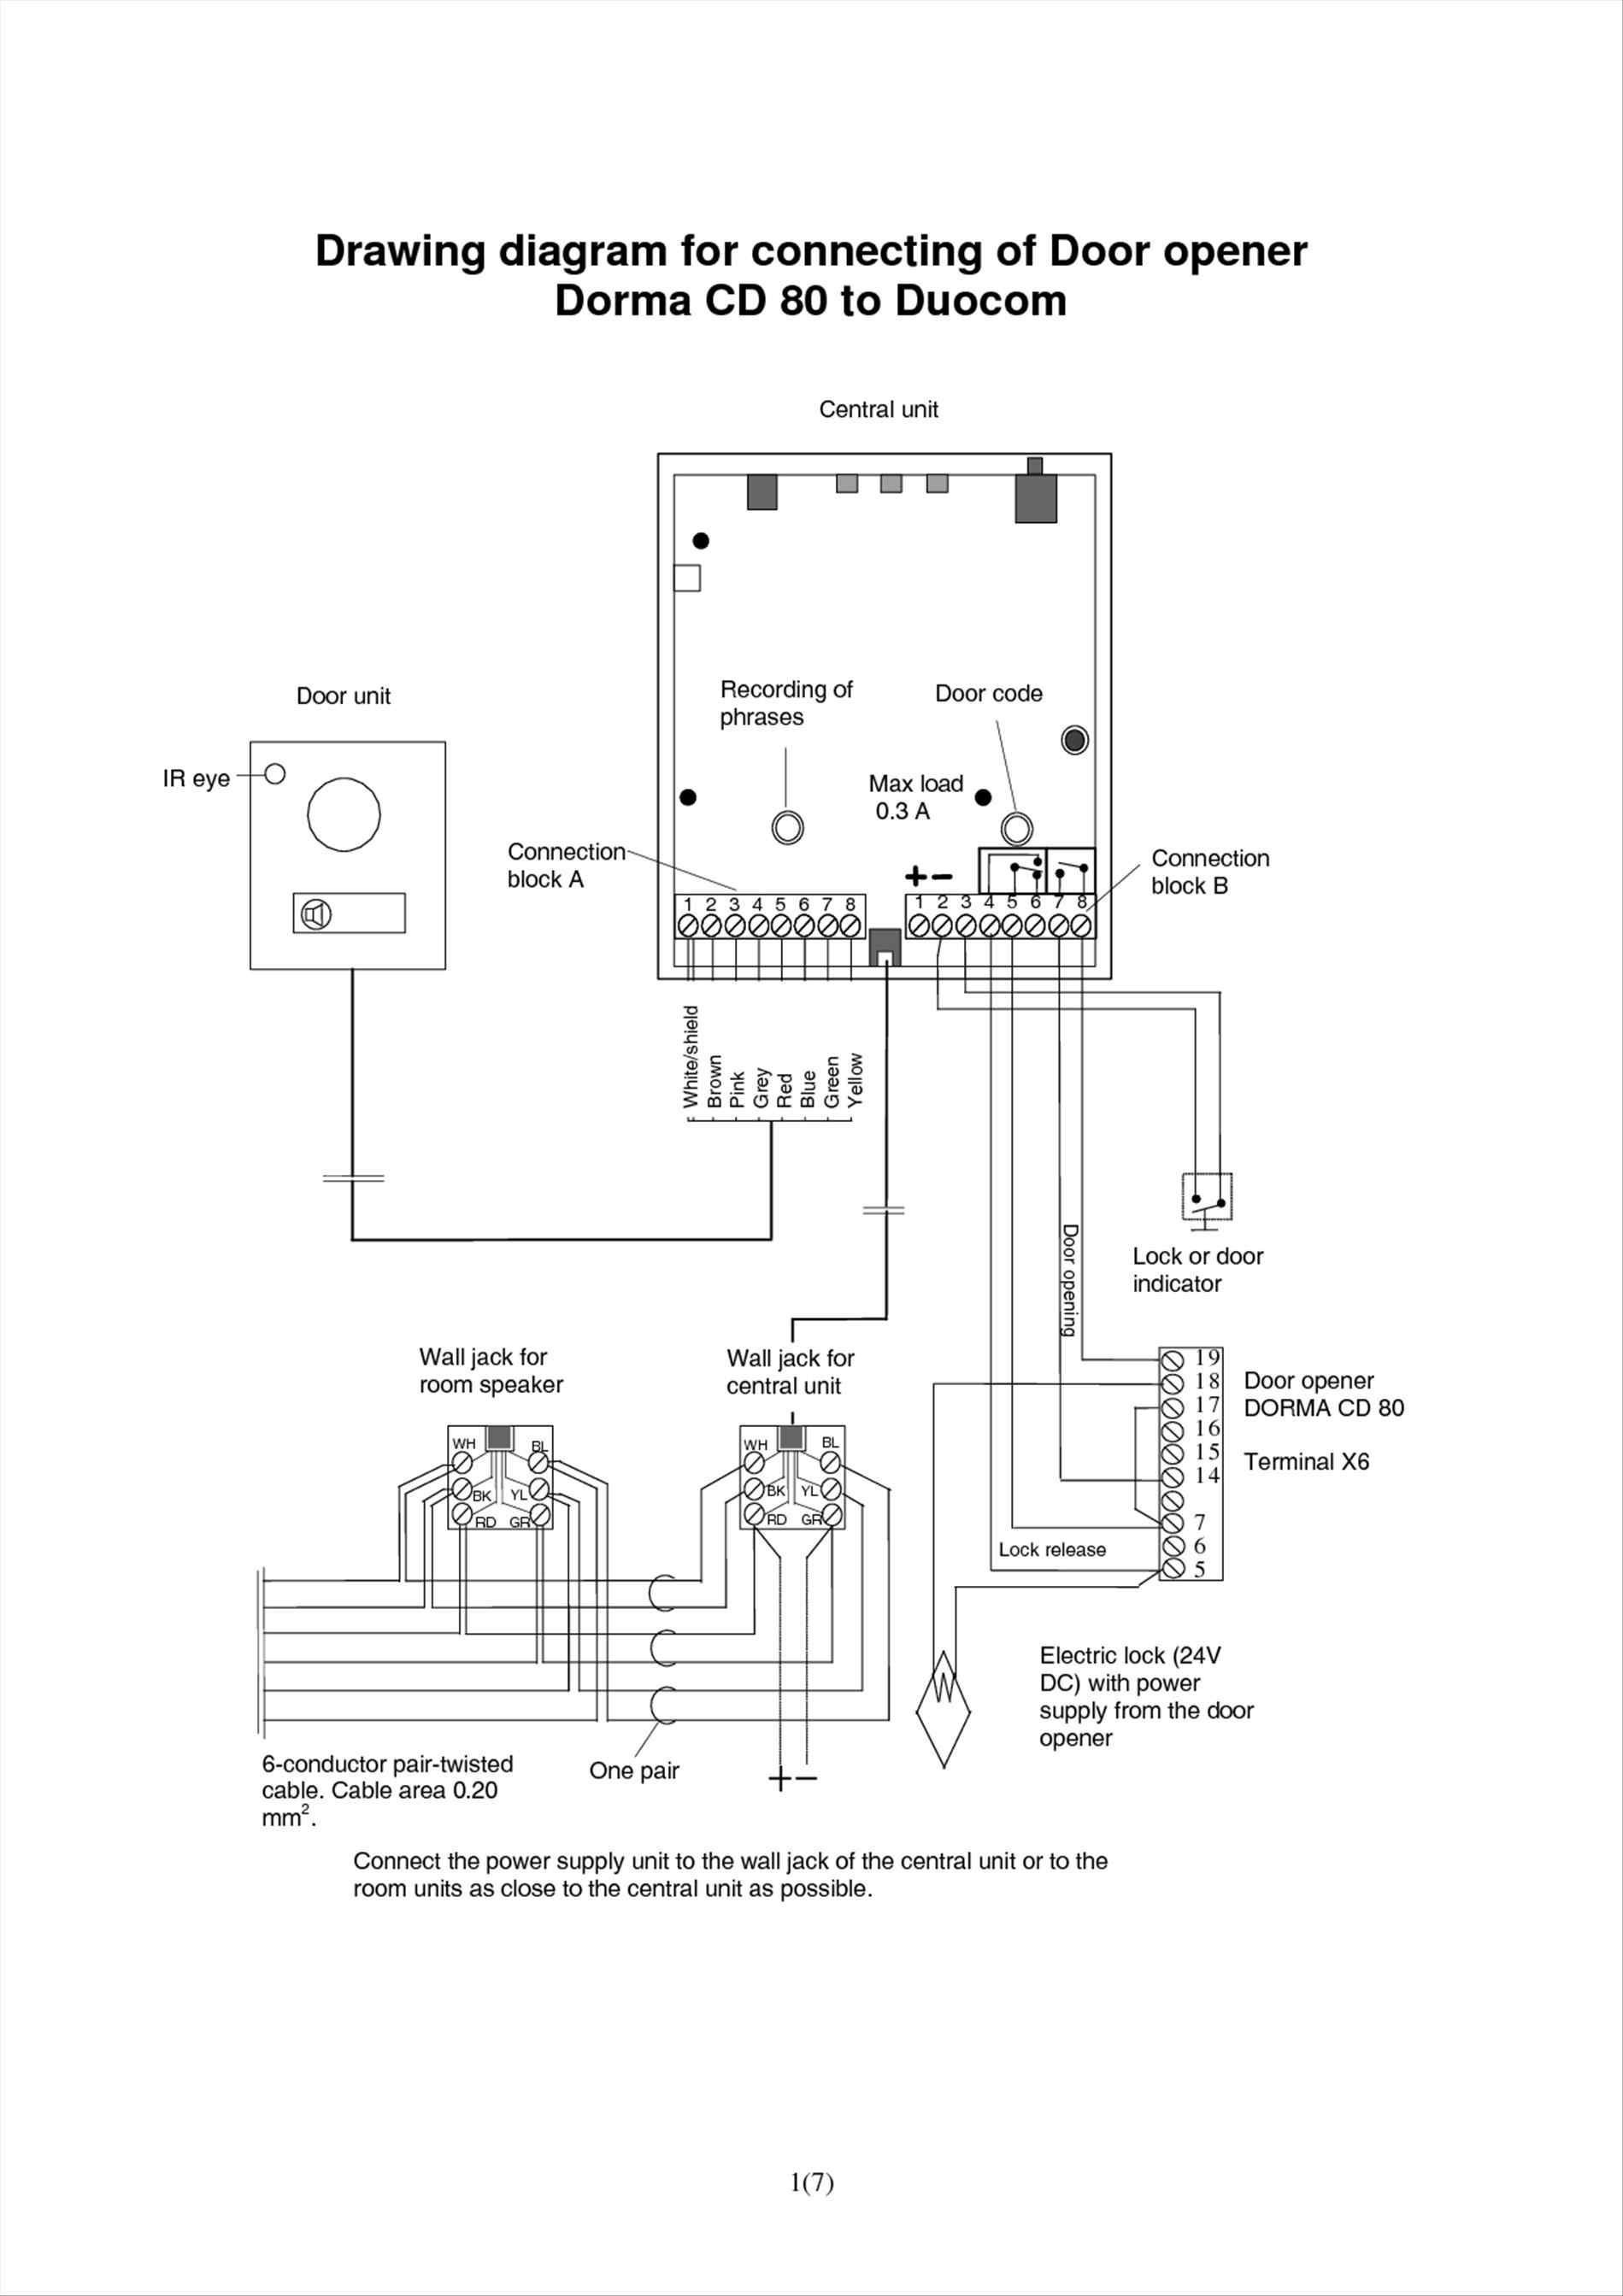 craftsman garage door opener wiring schematic free wiring diagramcraftsman garage door opener wiring schematic wiring diagram for stanley garage door opener fresh sears